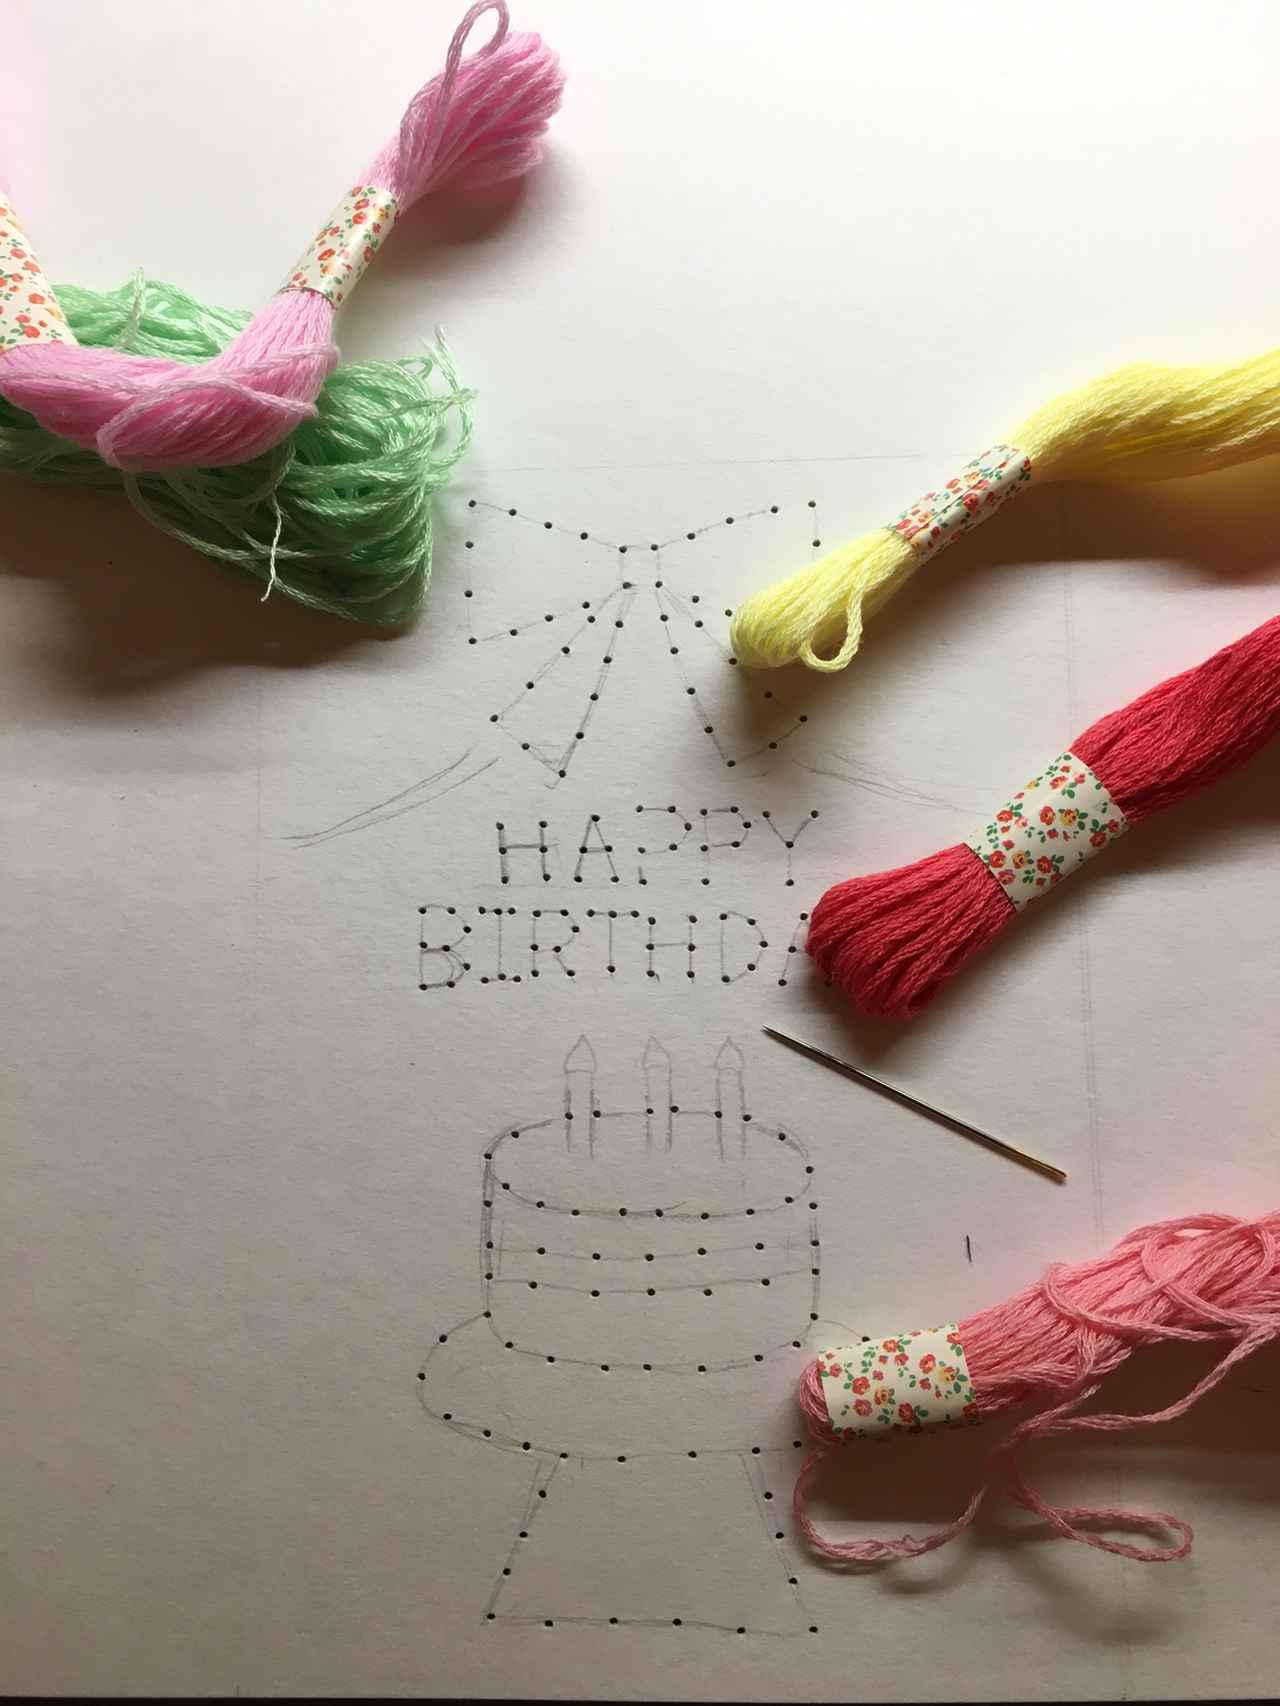 画像: 【紙刺繍のやり方①】図案を描いて穴をあけるだけで準備完成 クロスステッチ針や刺繍糸がおすすめ